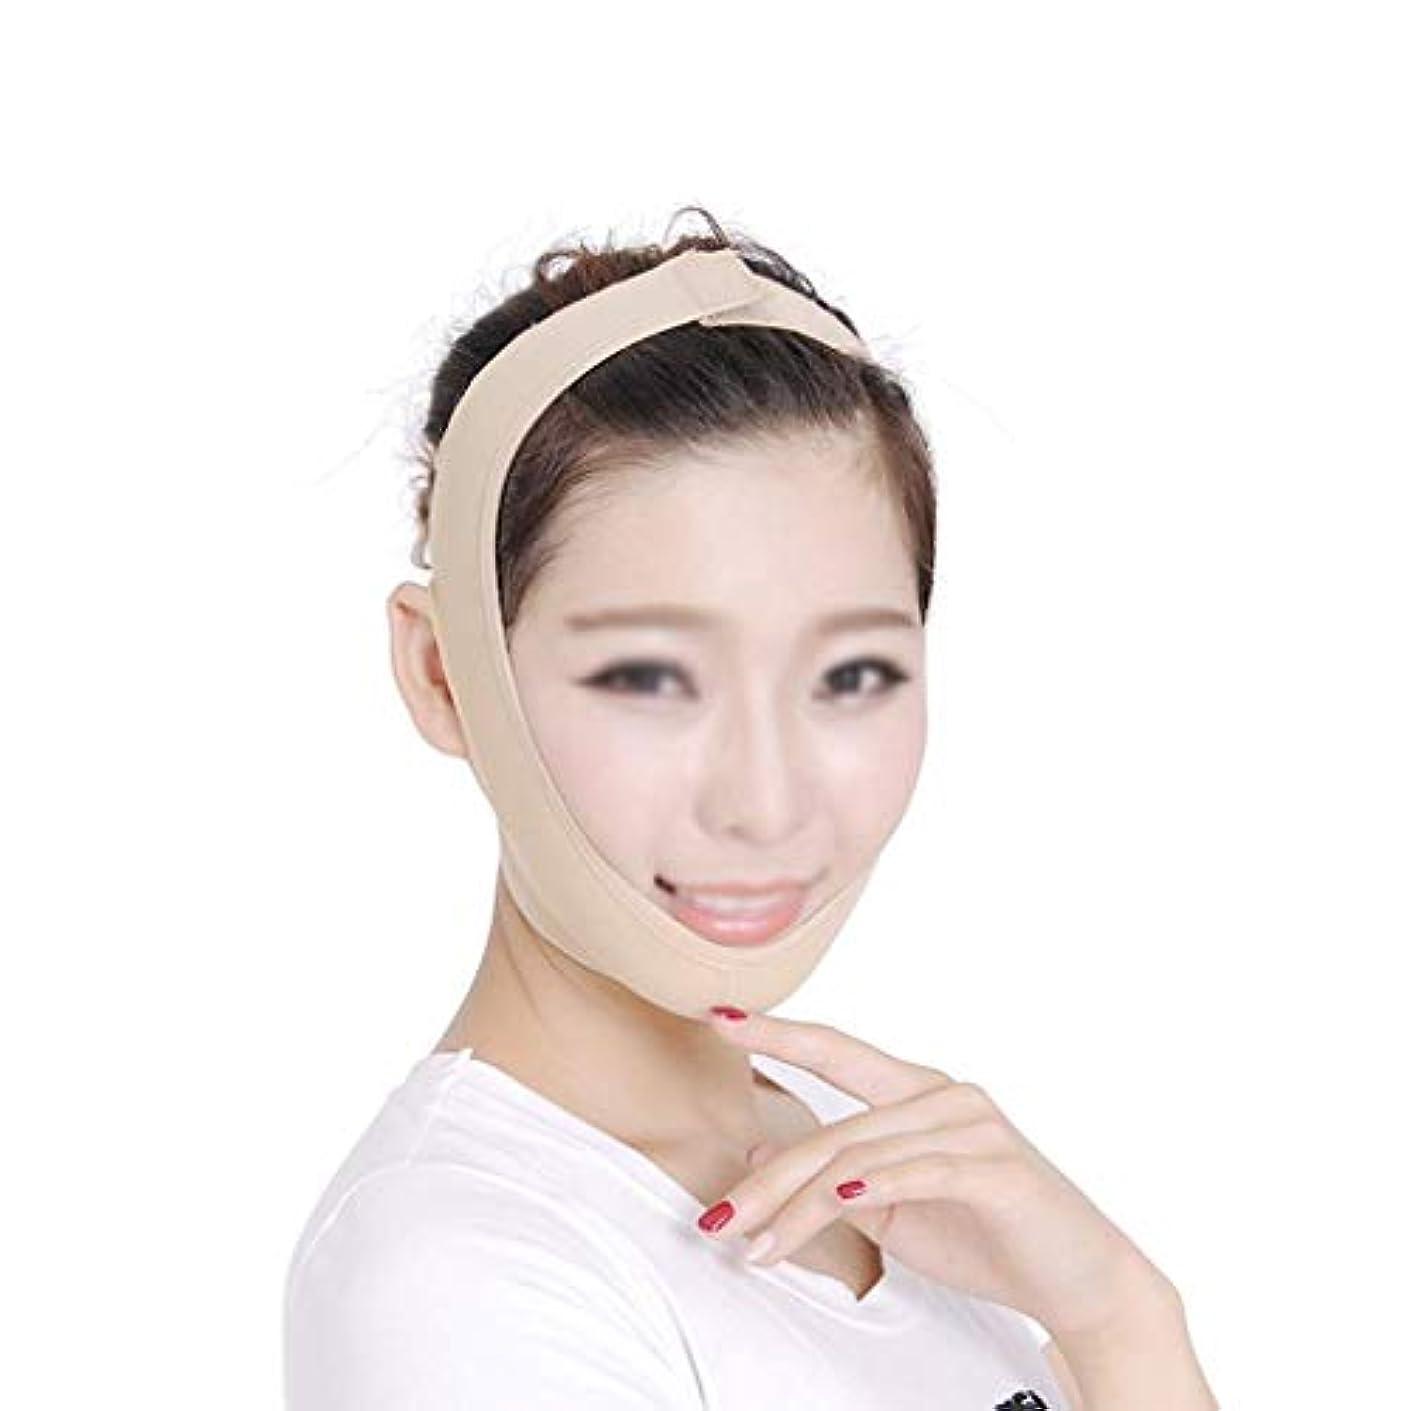 フェイシャル減量マスクリフティングフェイス、フェイスマスク、減量包帯を除去するためのダブルチン、フェイシャルリフティング包帯、ダブルチンを減らすためのリフティングベルト(カラー:ブラック、サイズ:M),イエローピンク、XL